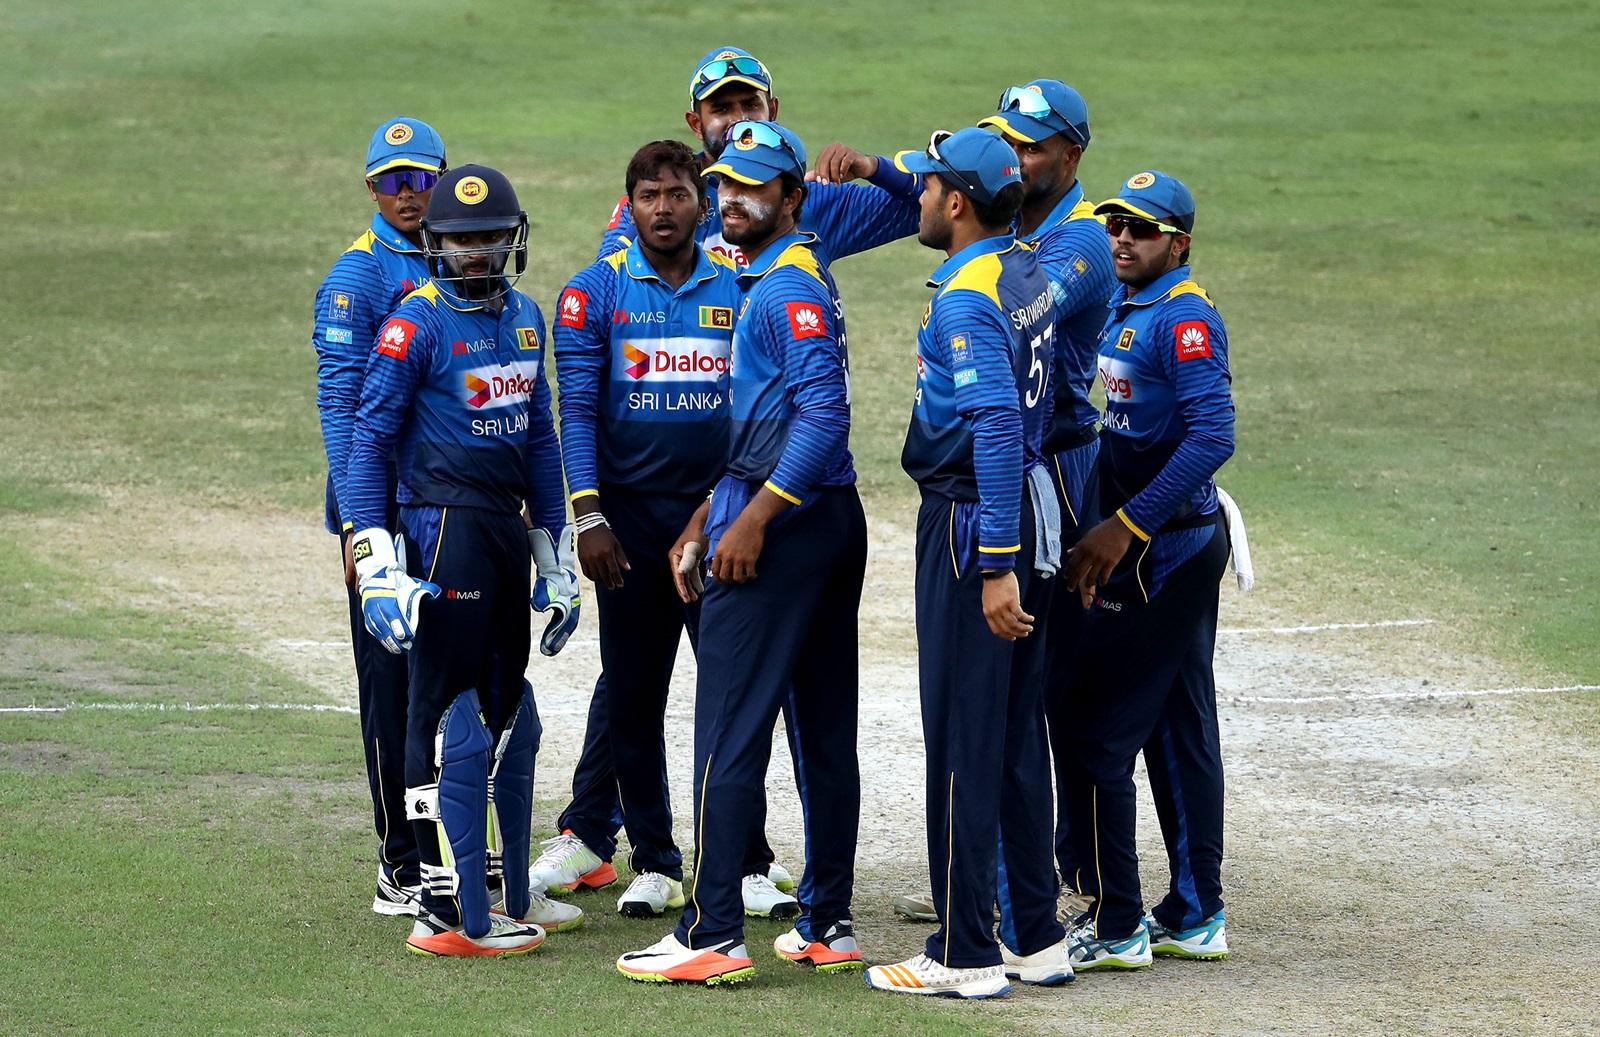 भारतीय खिलाड़ियों को मिलते करोड़ों, लेकिन श्रीलंका के खिलाड़ियों को मिलेगा 35% कम वेतन 7